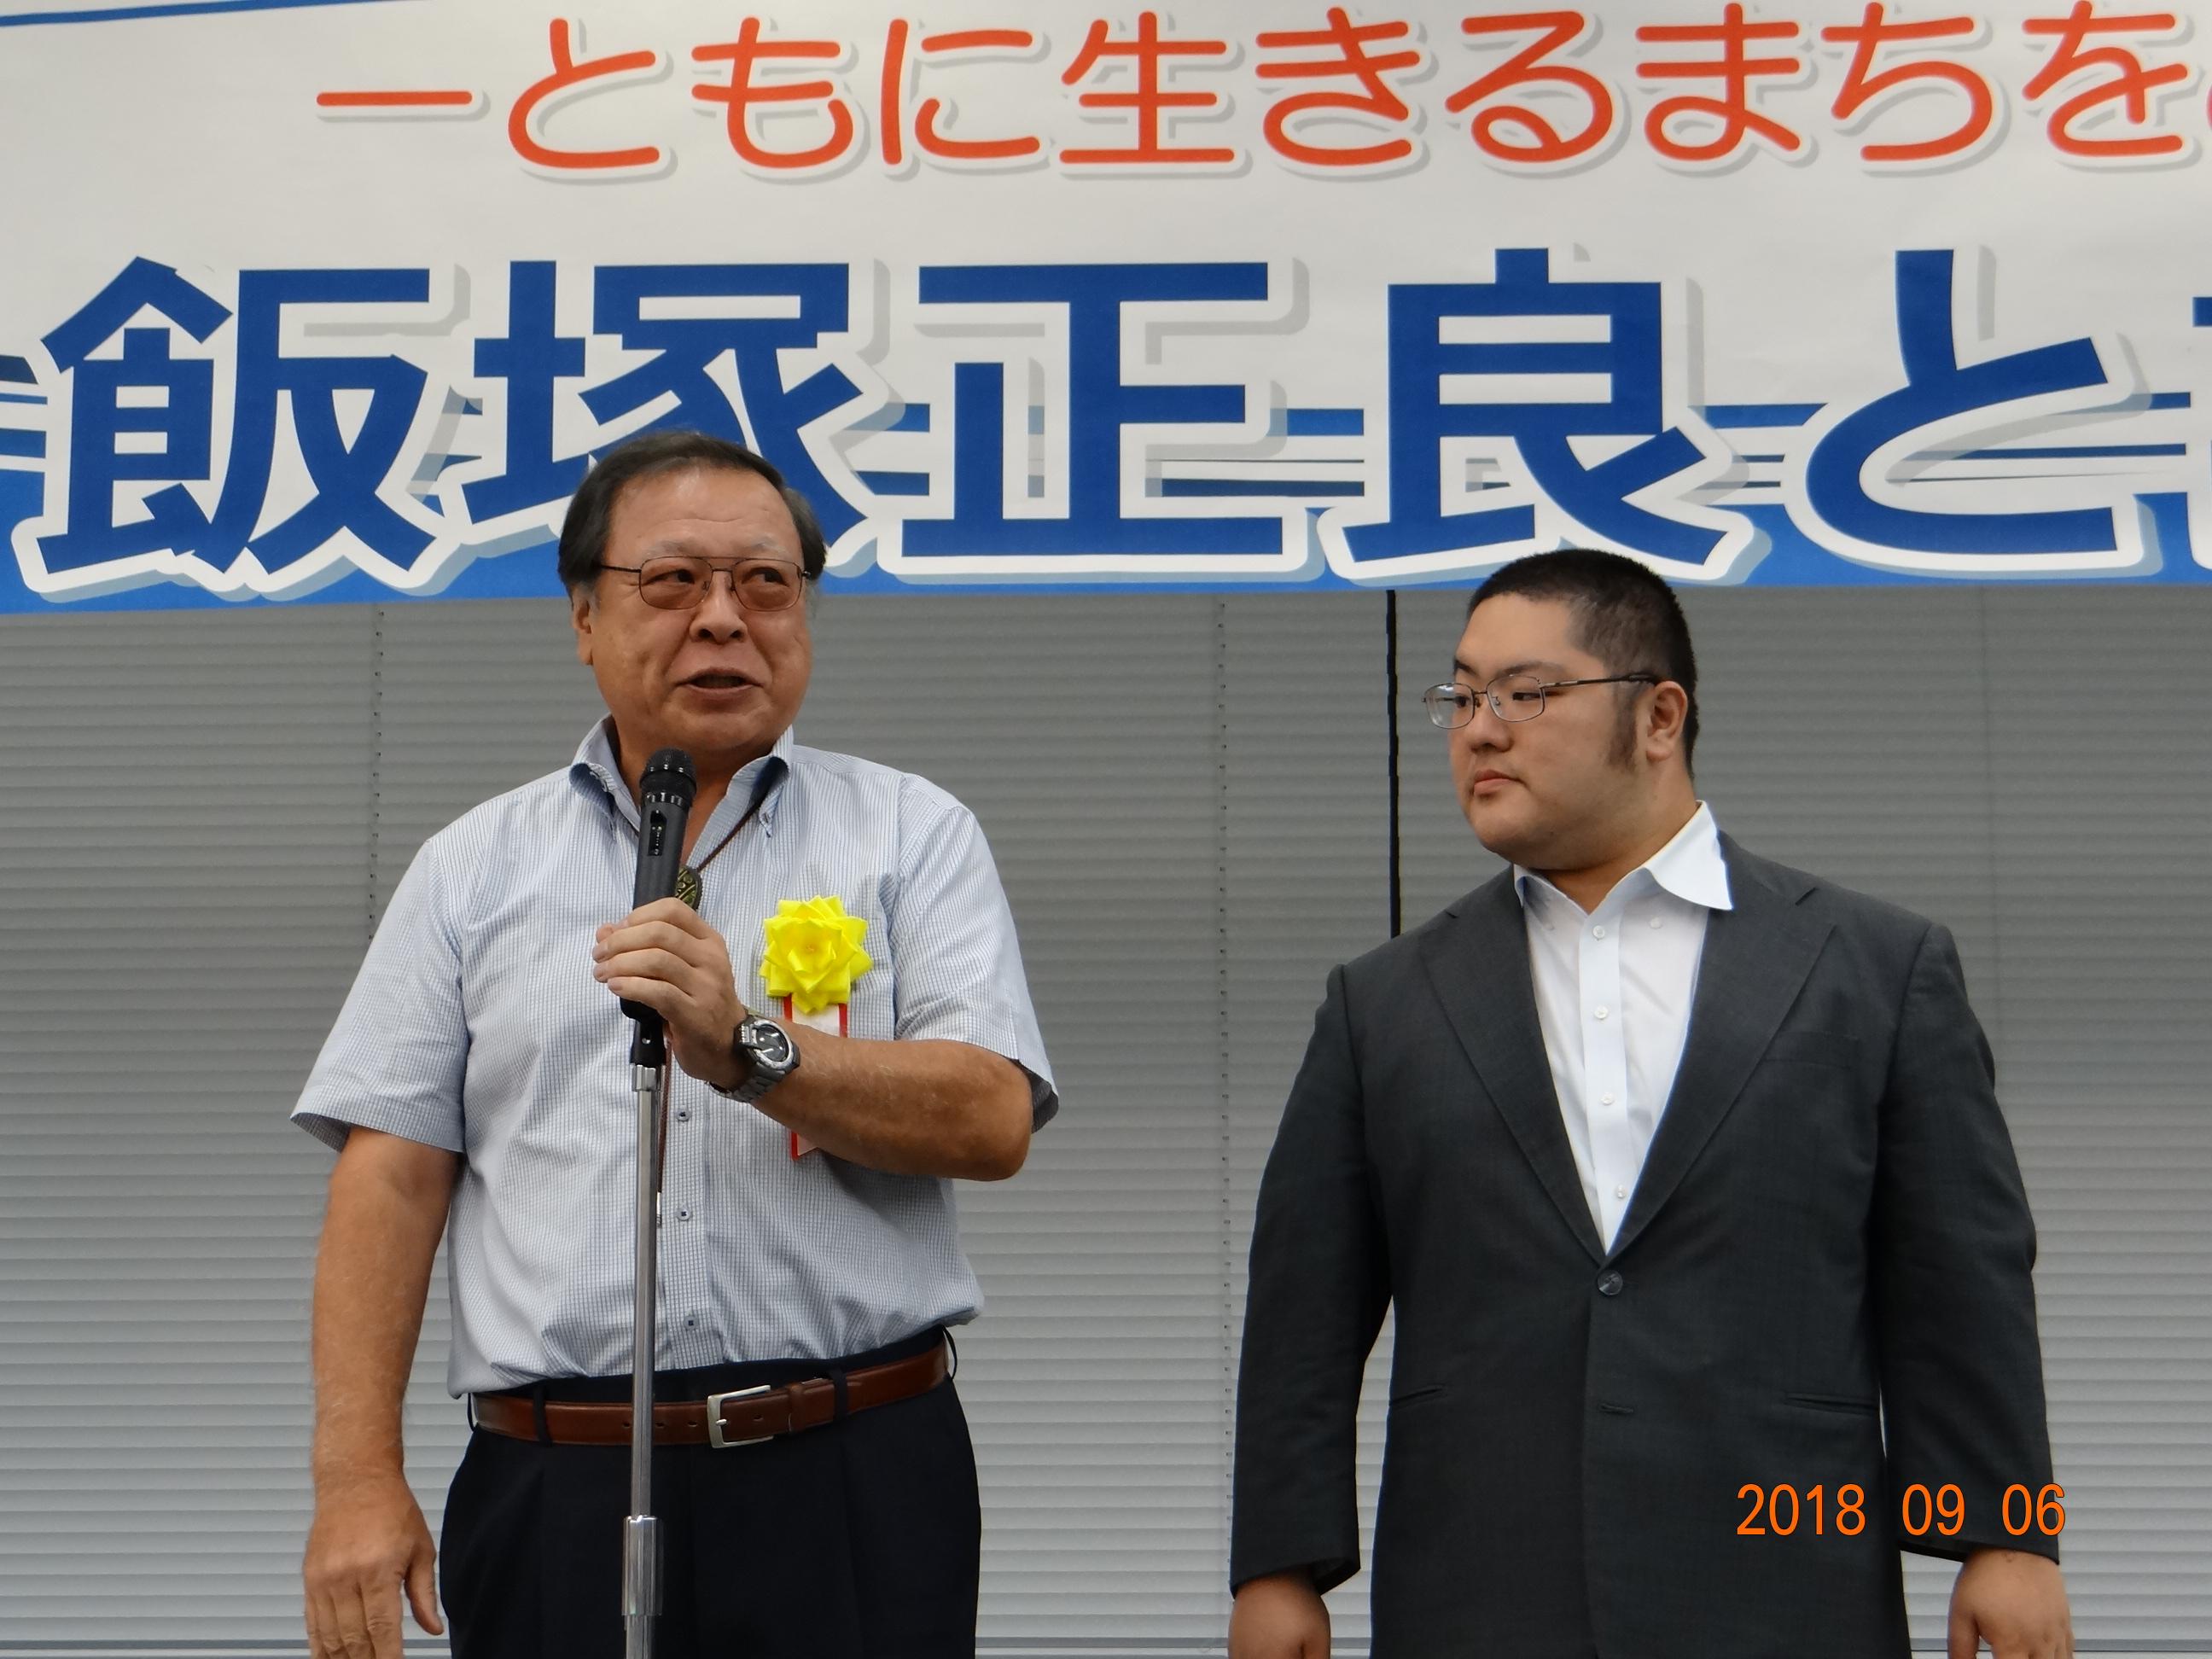 天川川崎市相撲連盟理事長・岸副理事長